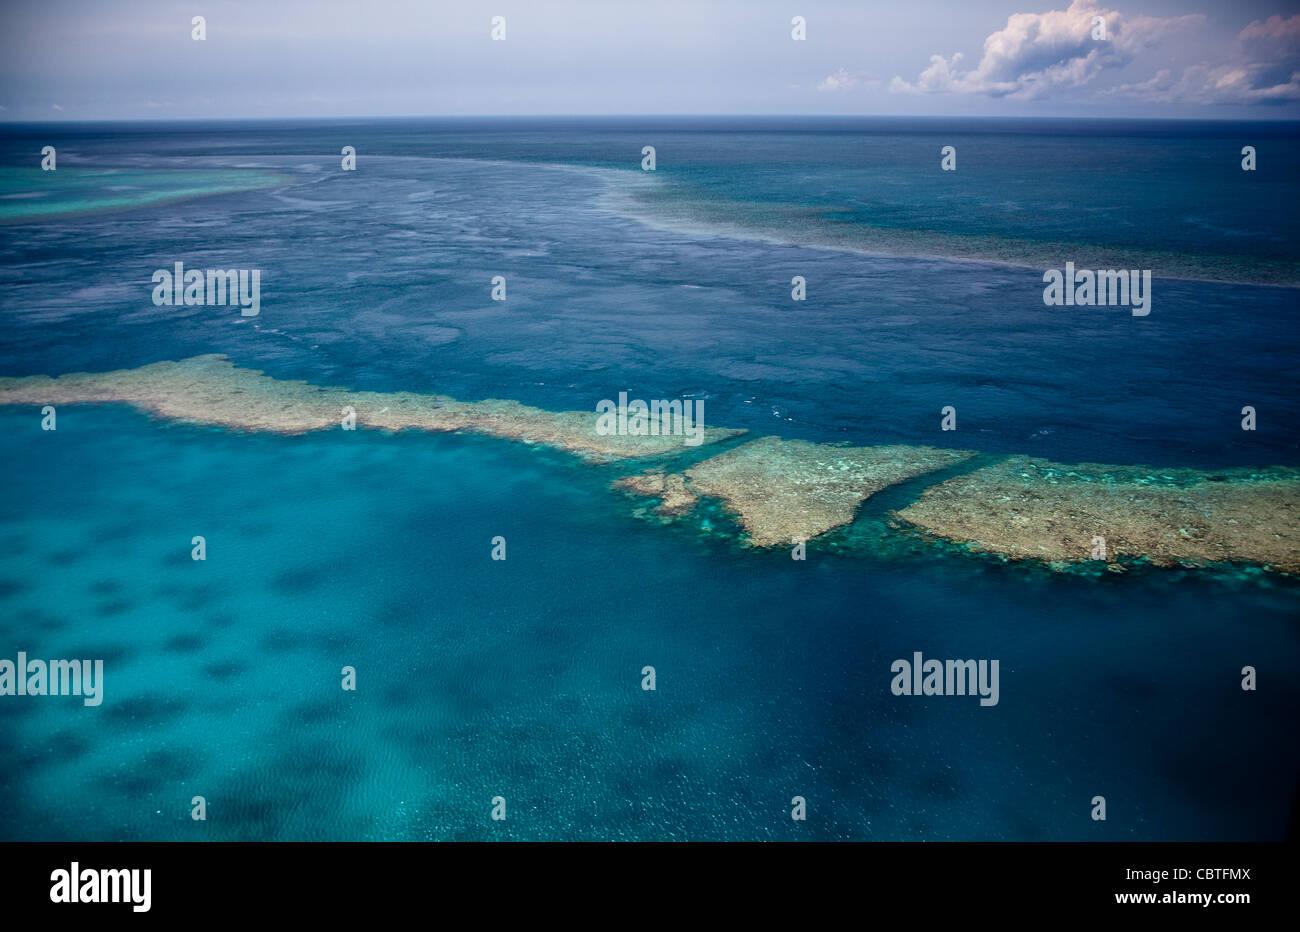 Vedute aeree di la spettacolare grande barriera corallina vicino alle Isole Whitsunday nel Queensland, in Australia. Foto Stock